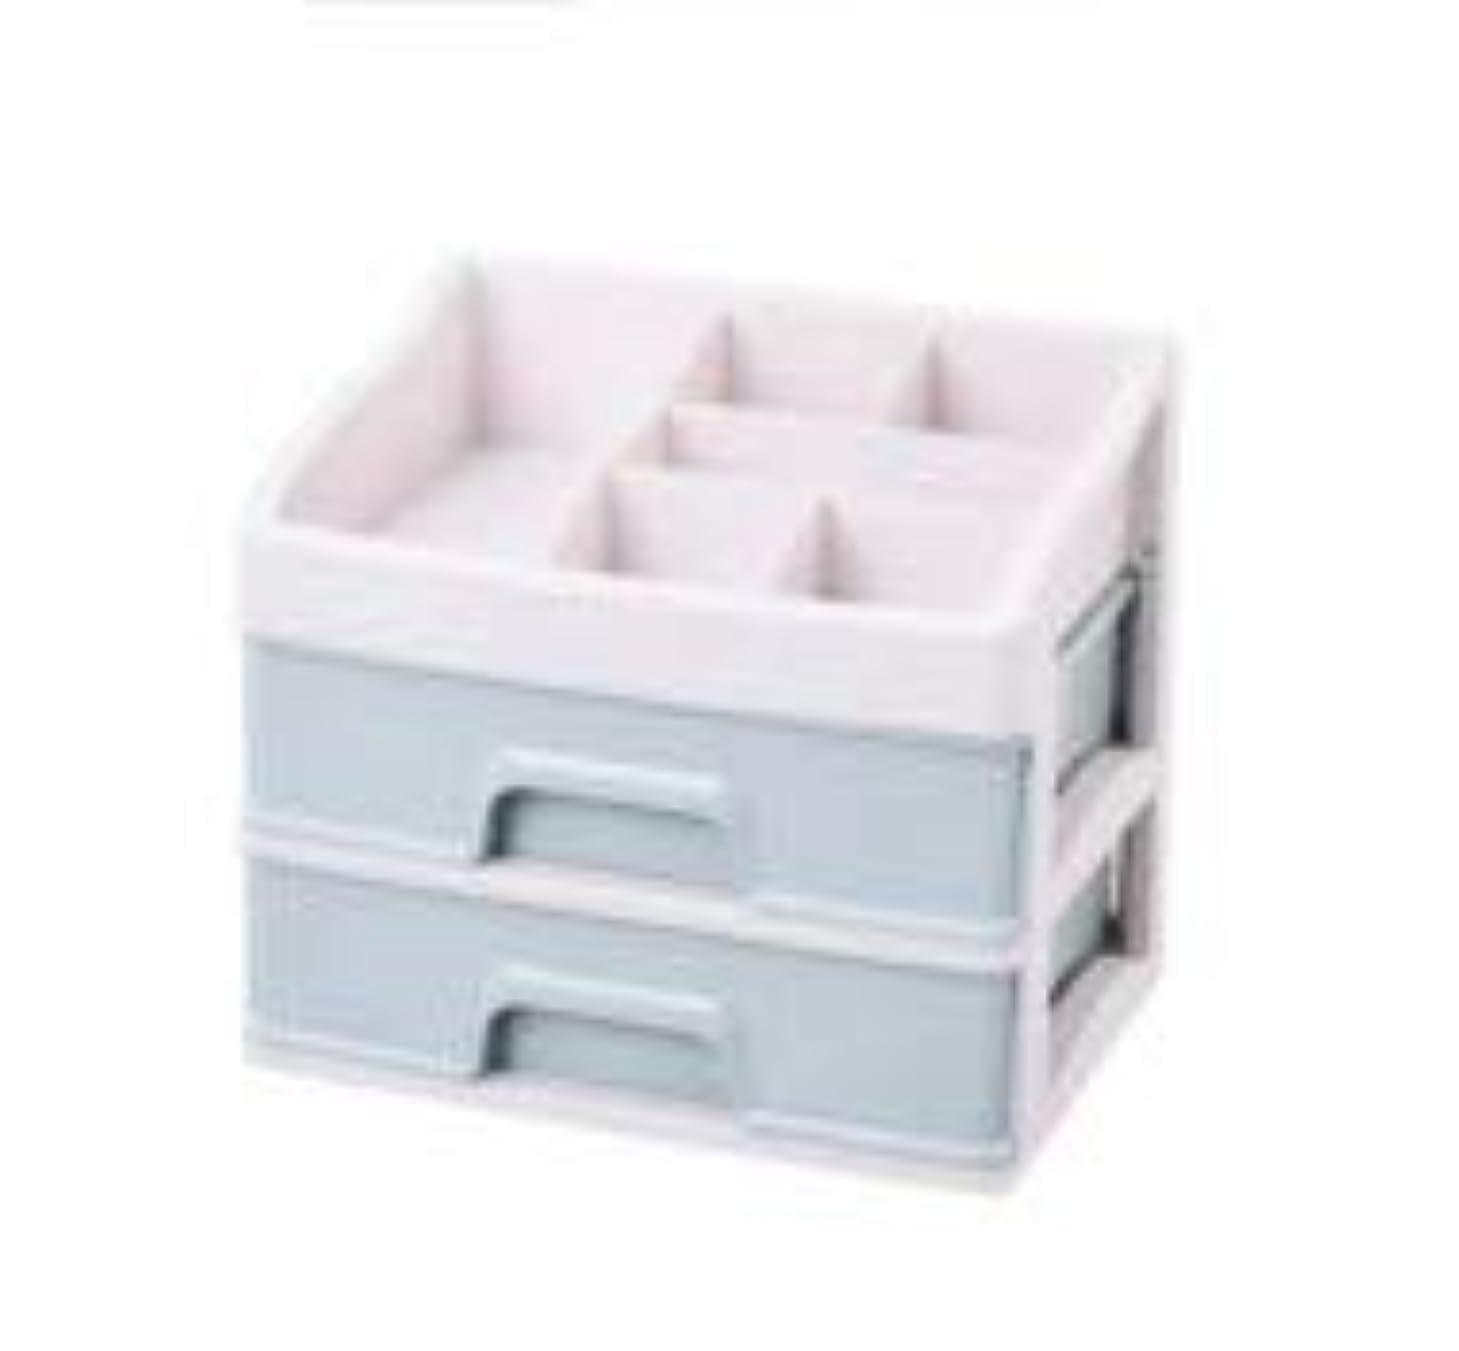 次コードマラドロイト化粧品収納ボックス引き出しデスクトップ収納ラック化粧台化粧品ケーススキンケア製品 (Size : M)